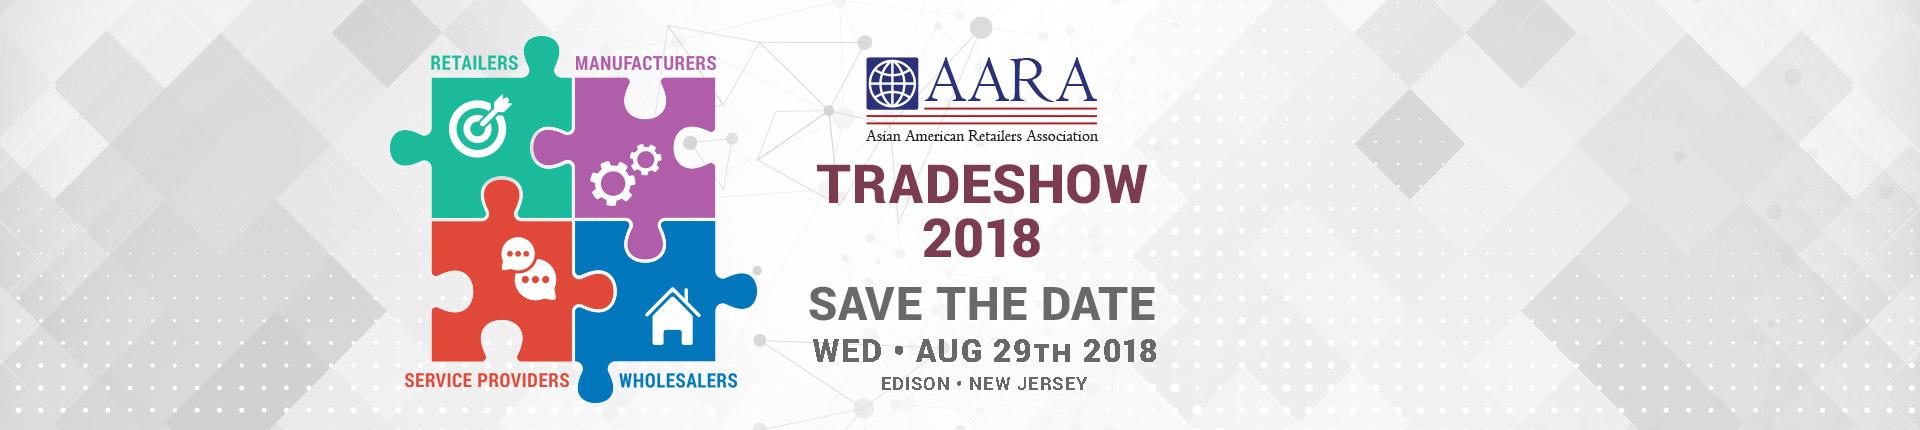 AARA Tradeshow 2018